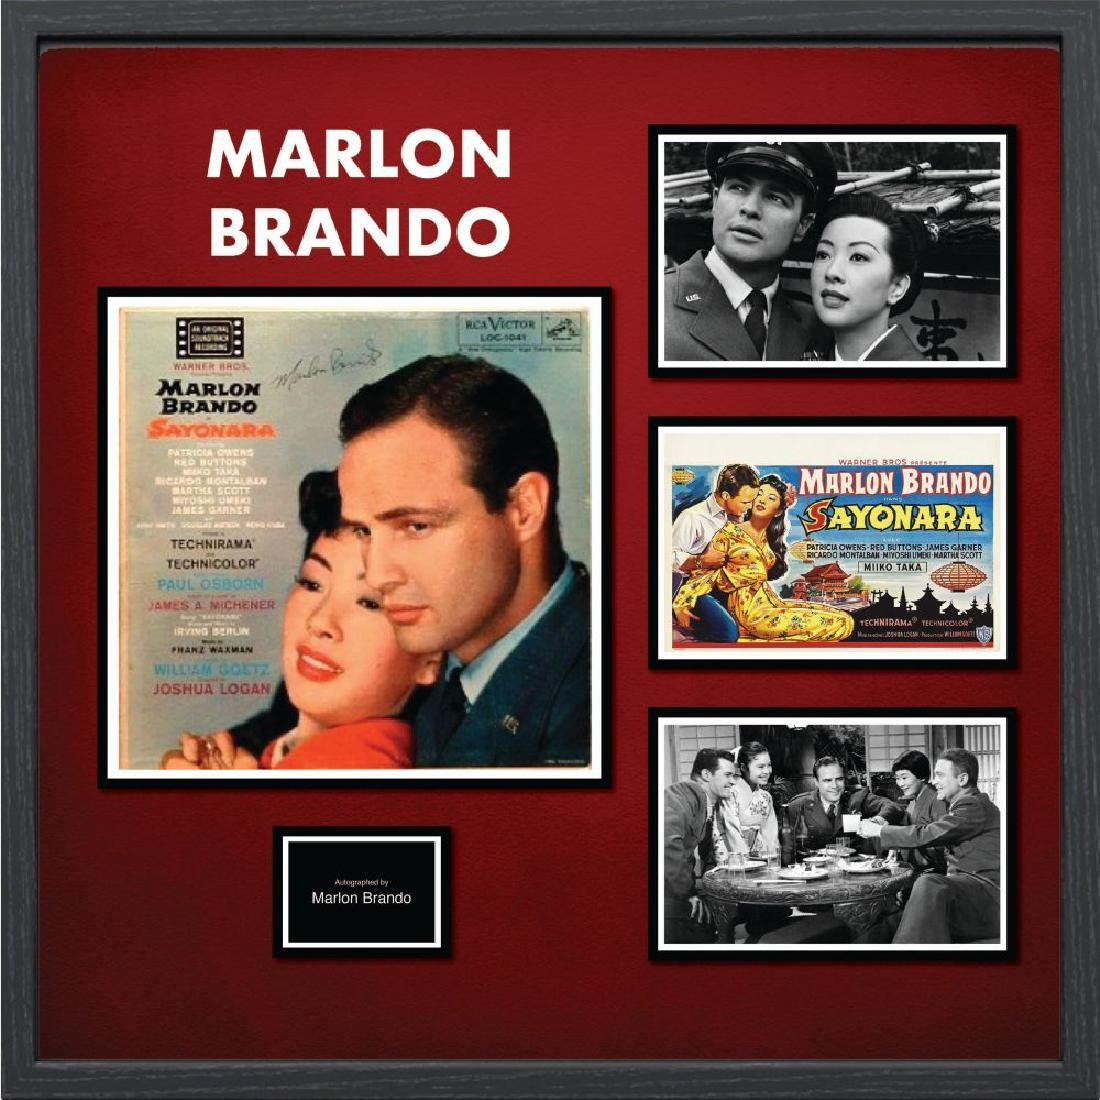 Marlon Brando Signed Collage